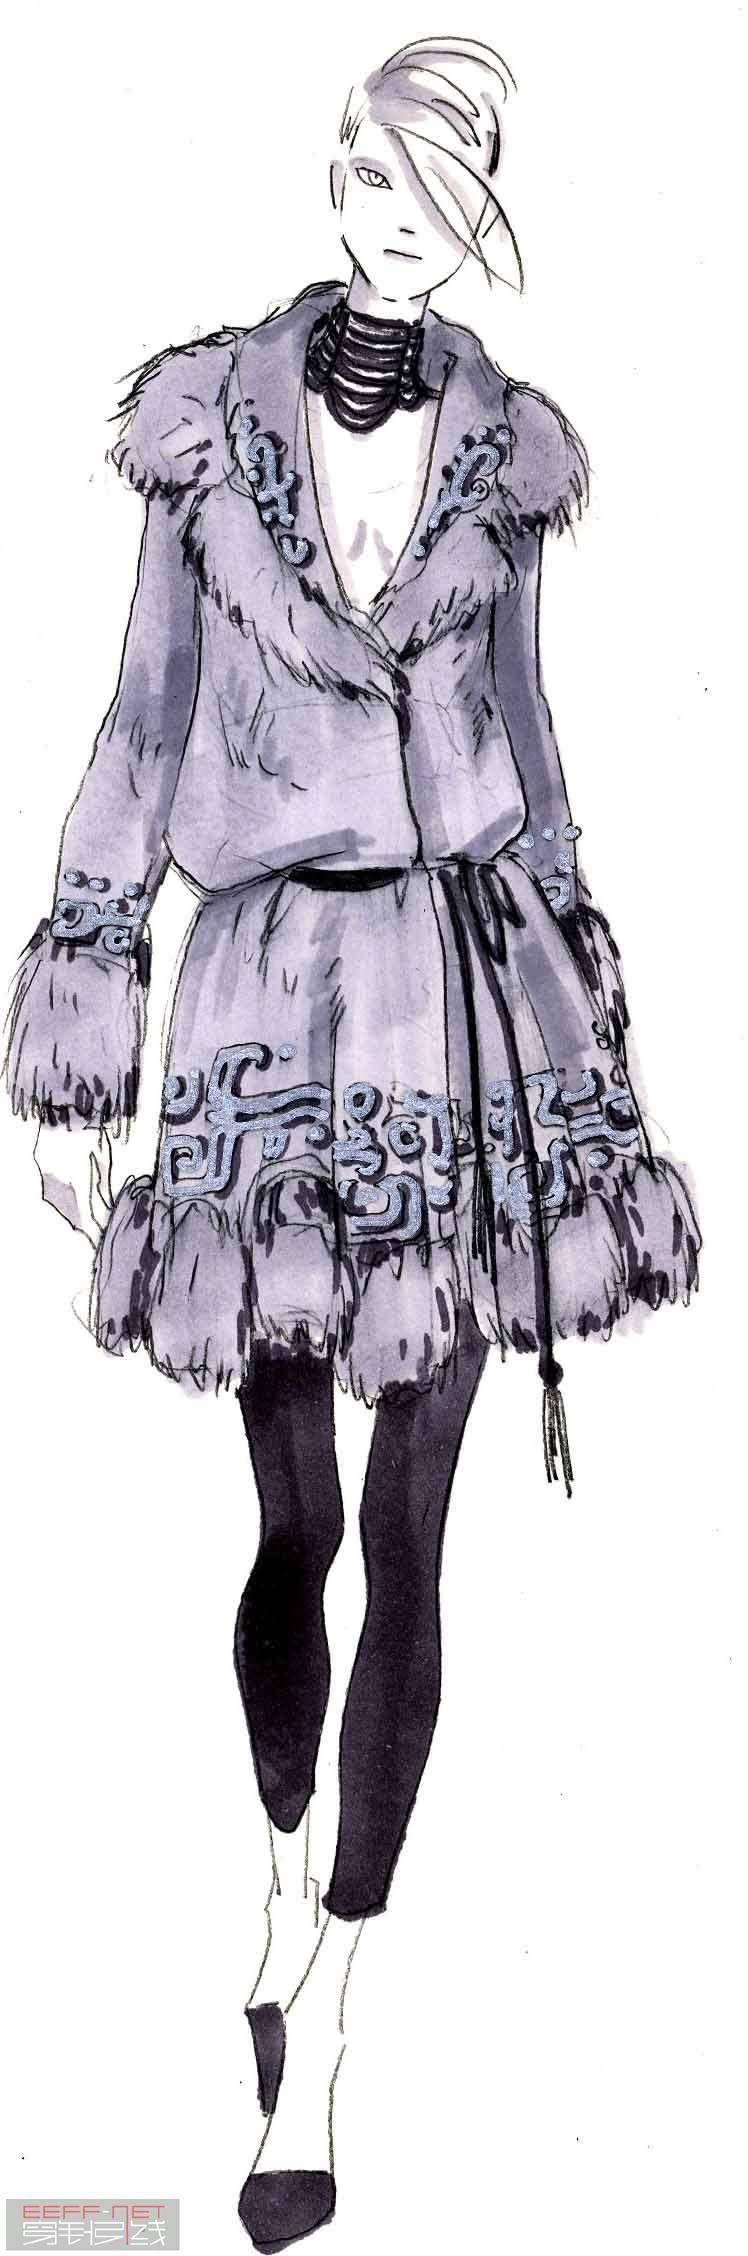 时装设计手绘图 服装设计手绘图 服装设计效果图图片